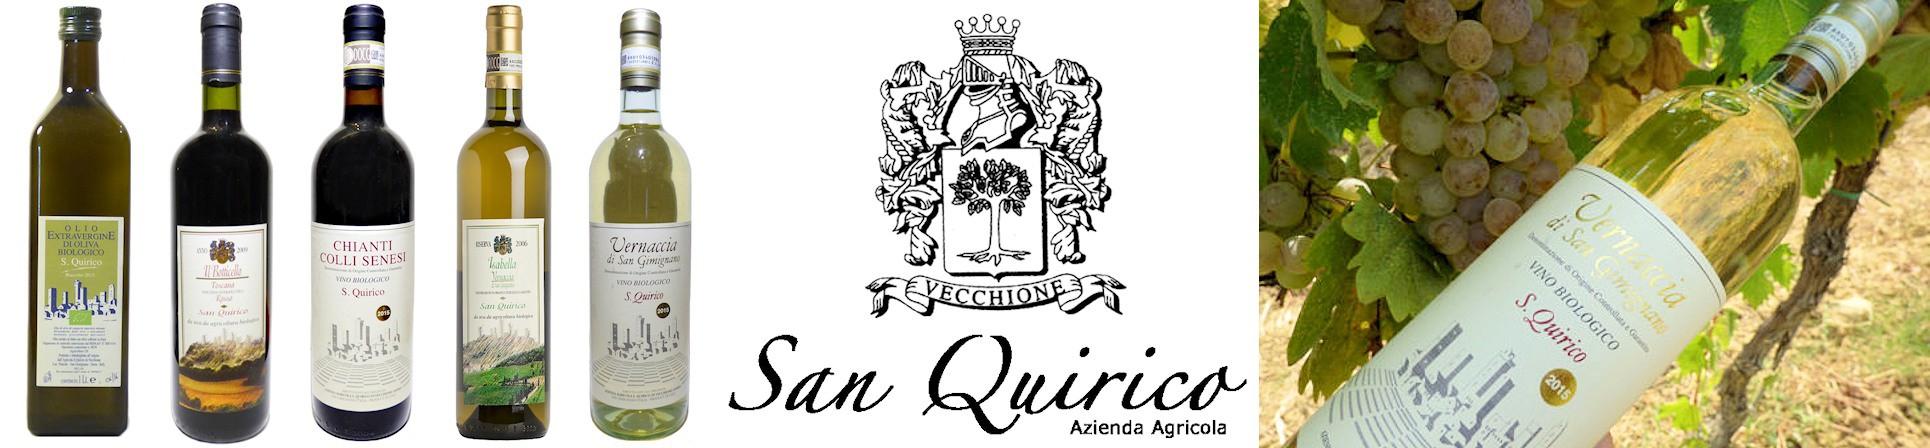 B2B GUSTOX - il Marketplace all'ingrosso delle eccellenze agroalimentari italiane - Cantina SAN QUIRICO